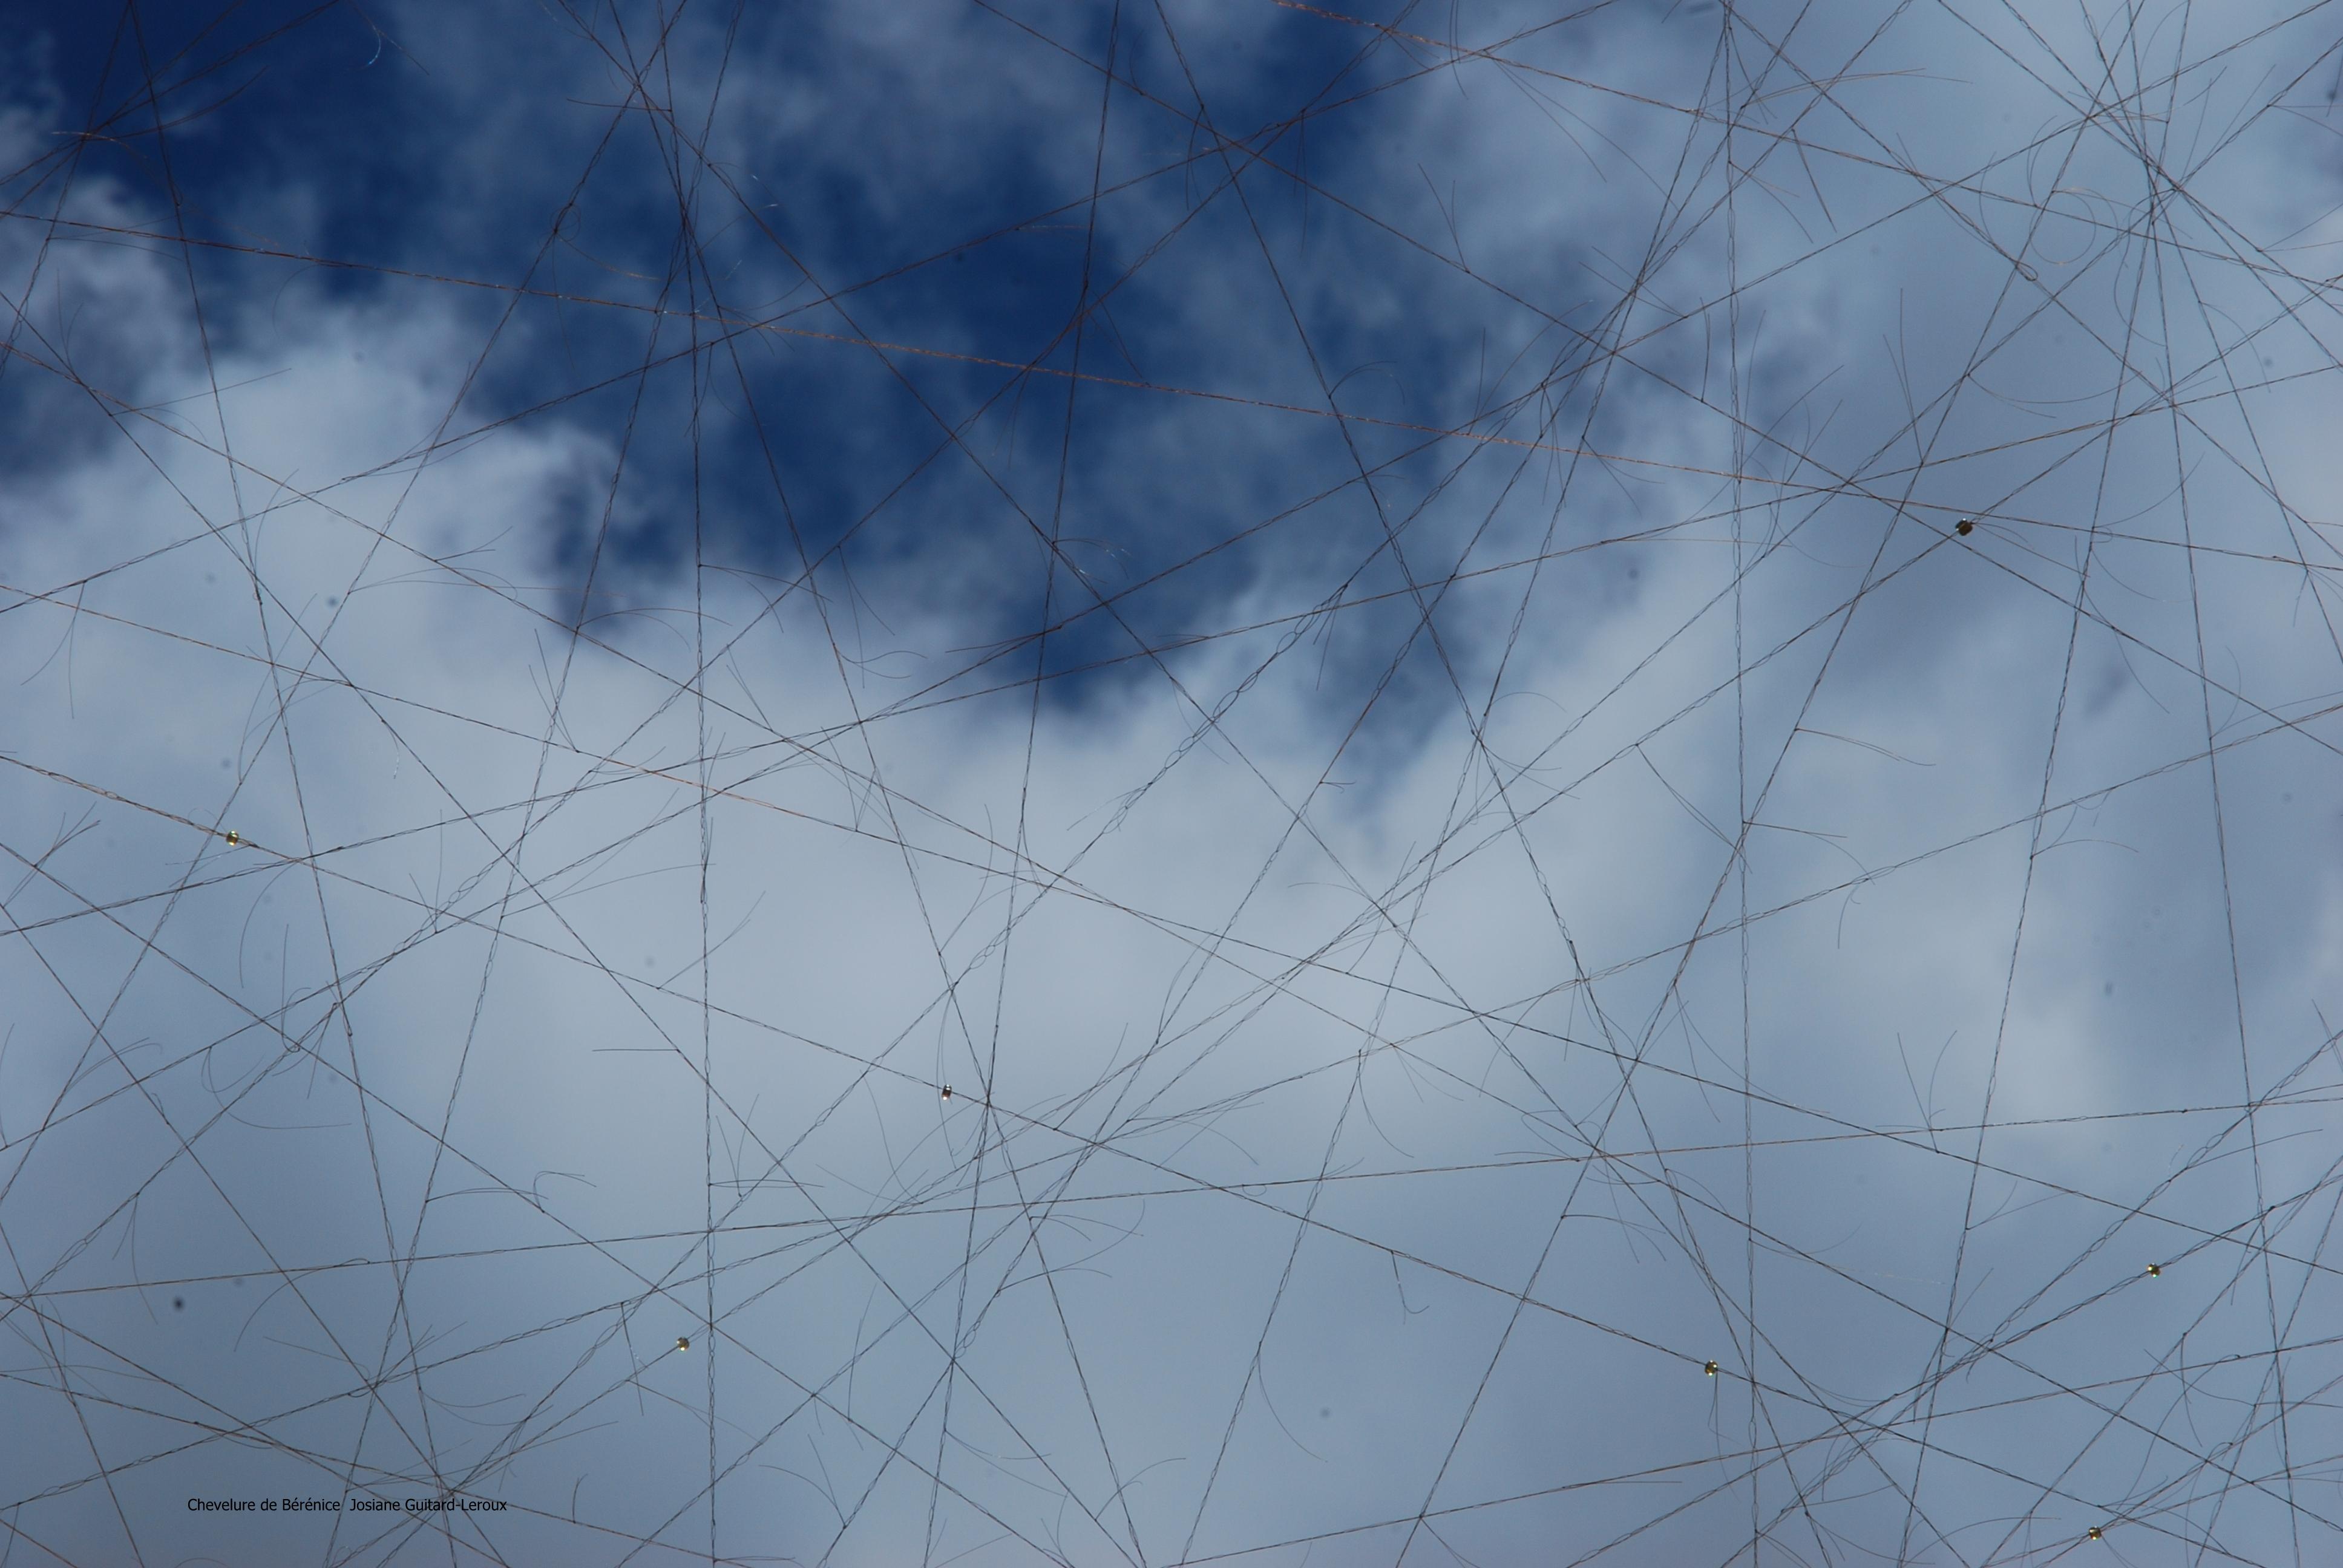 Chevelure de Bérénice vue de dessous sur nuages